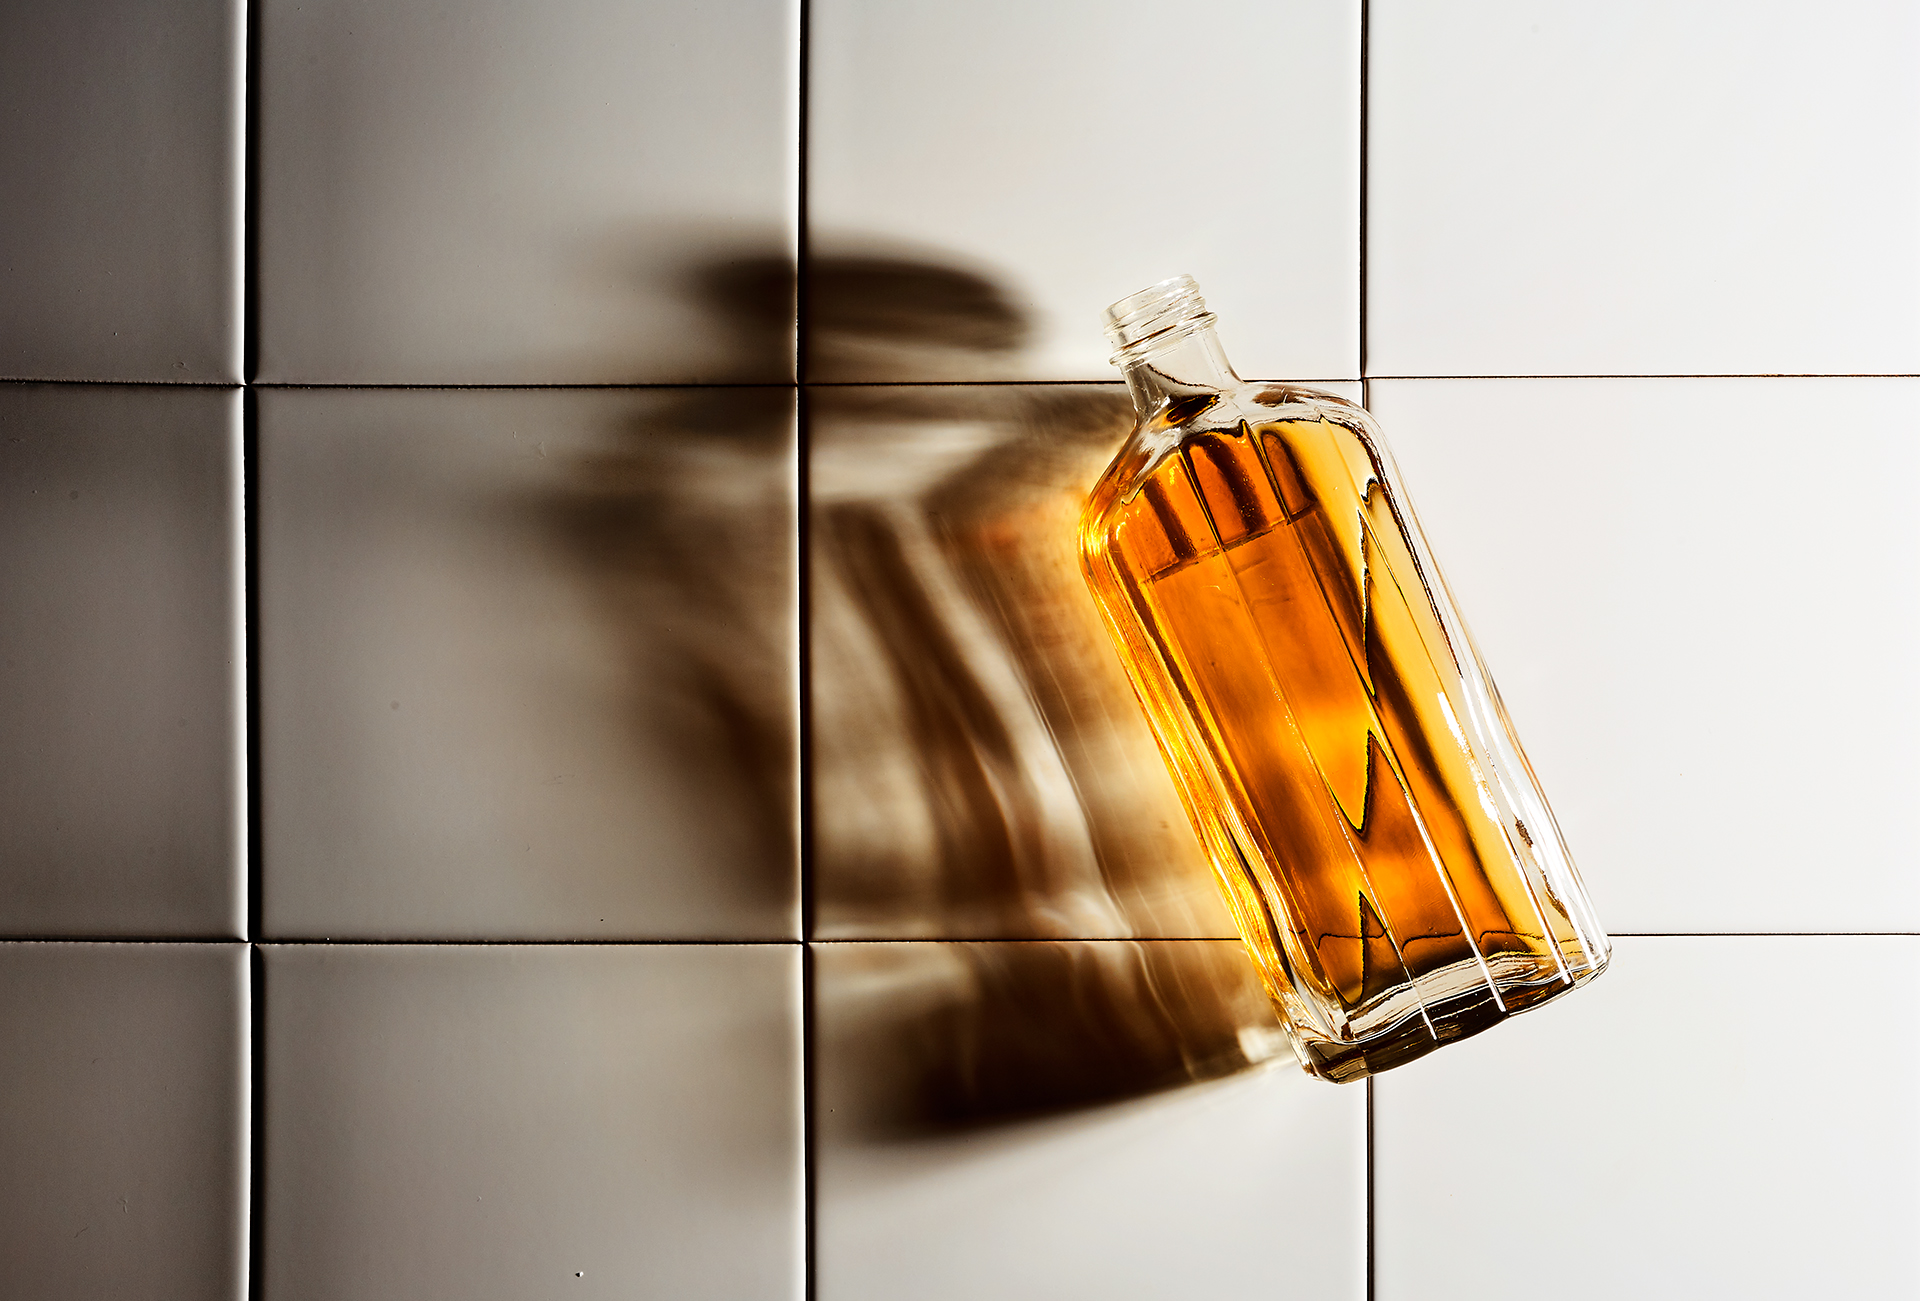 L'acqua della vita whiskey L'acqua della vita . A riprova delle origini del whisky, il nome nasce dalle parole gaeliche uisge beatha, che significano acqua della vita.